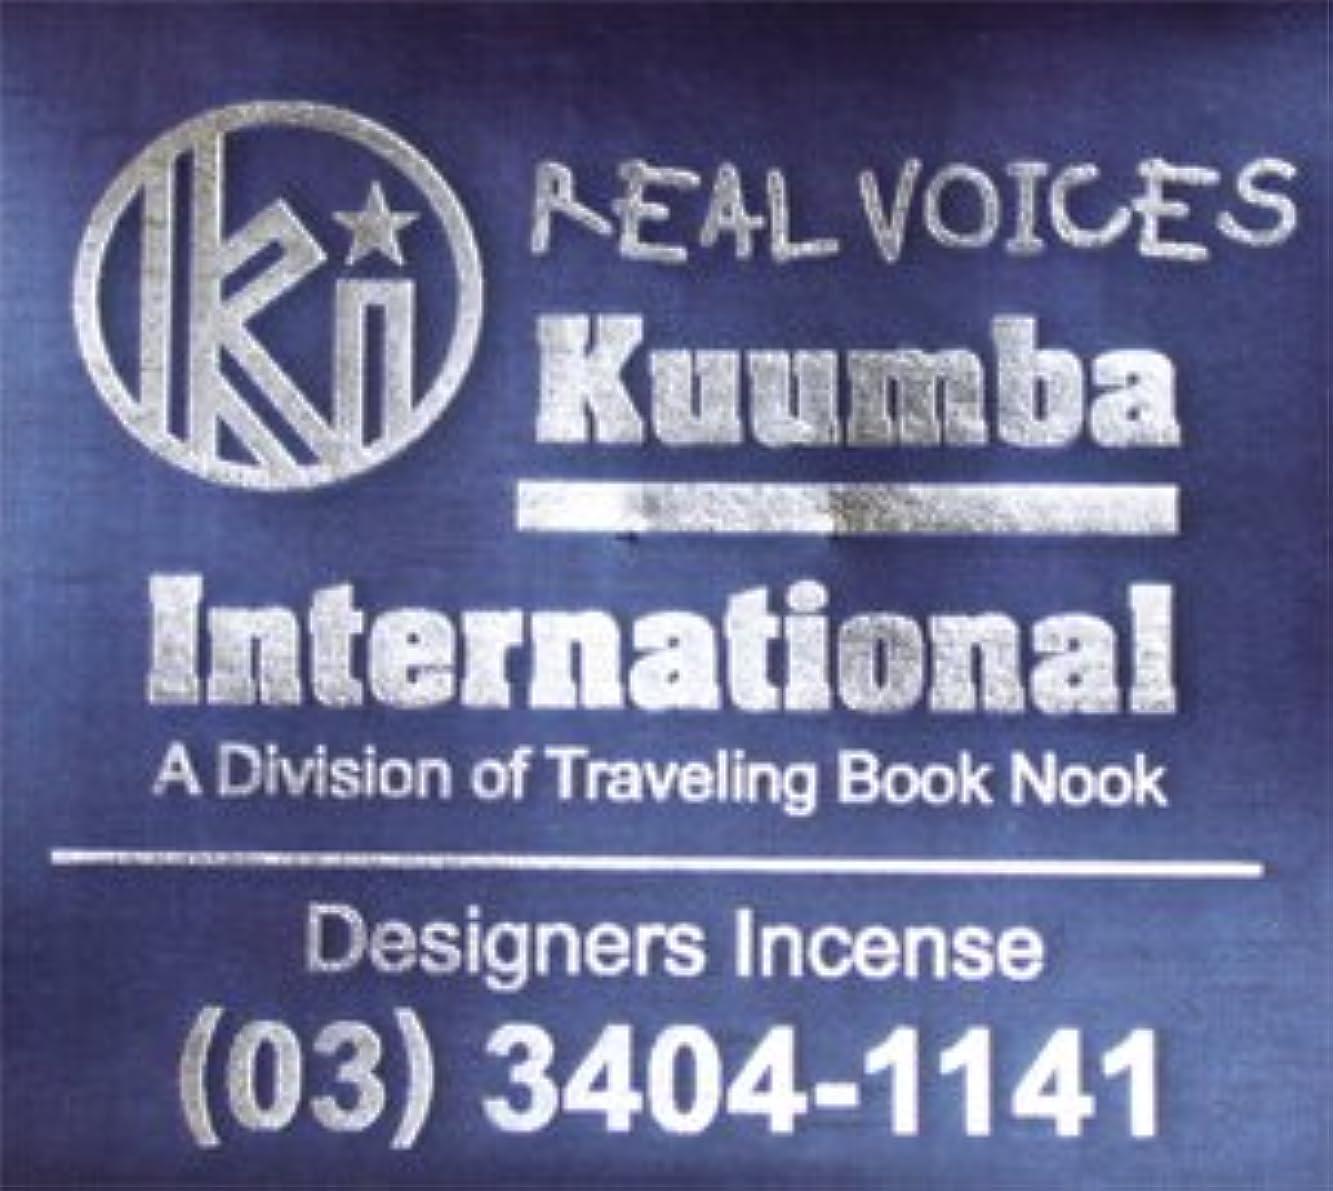 取り扱い音楽家人形KUUMBA/クンバ『incense』(REAL VOICES) (Regular size)